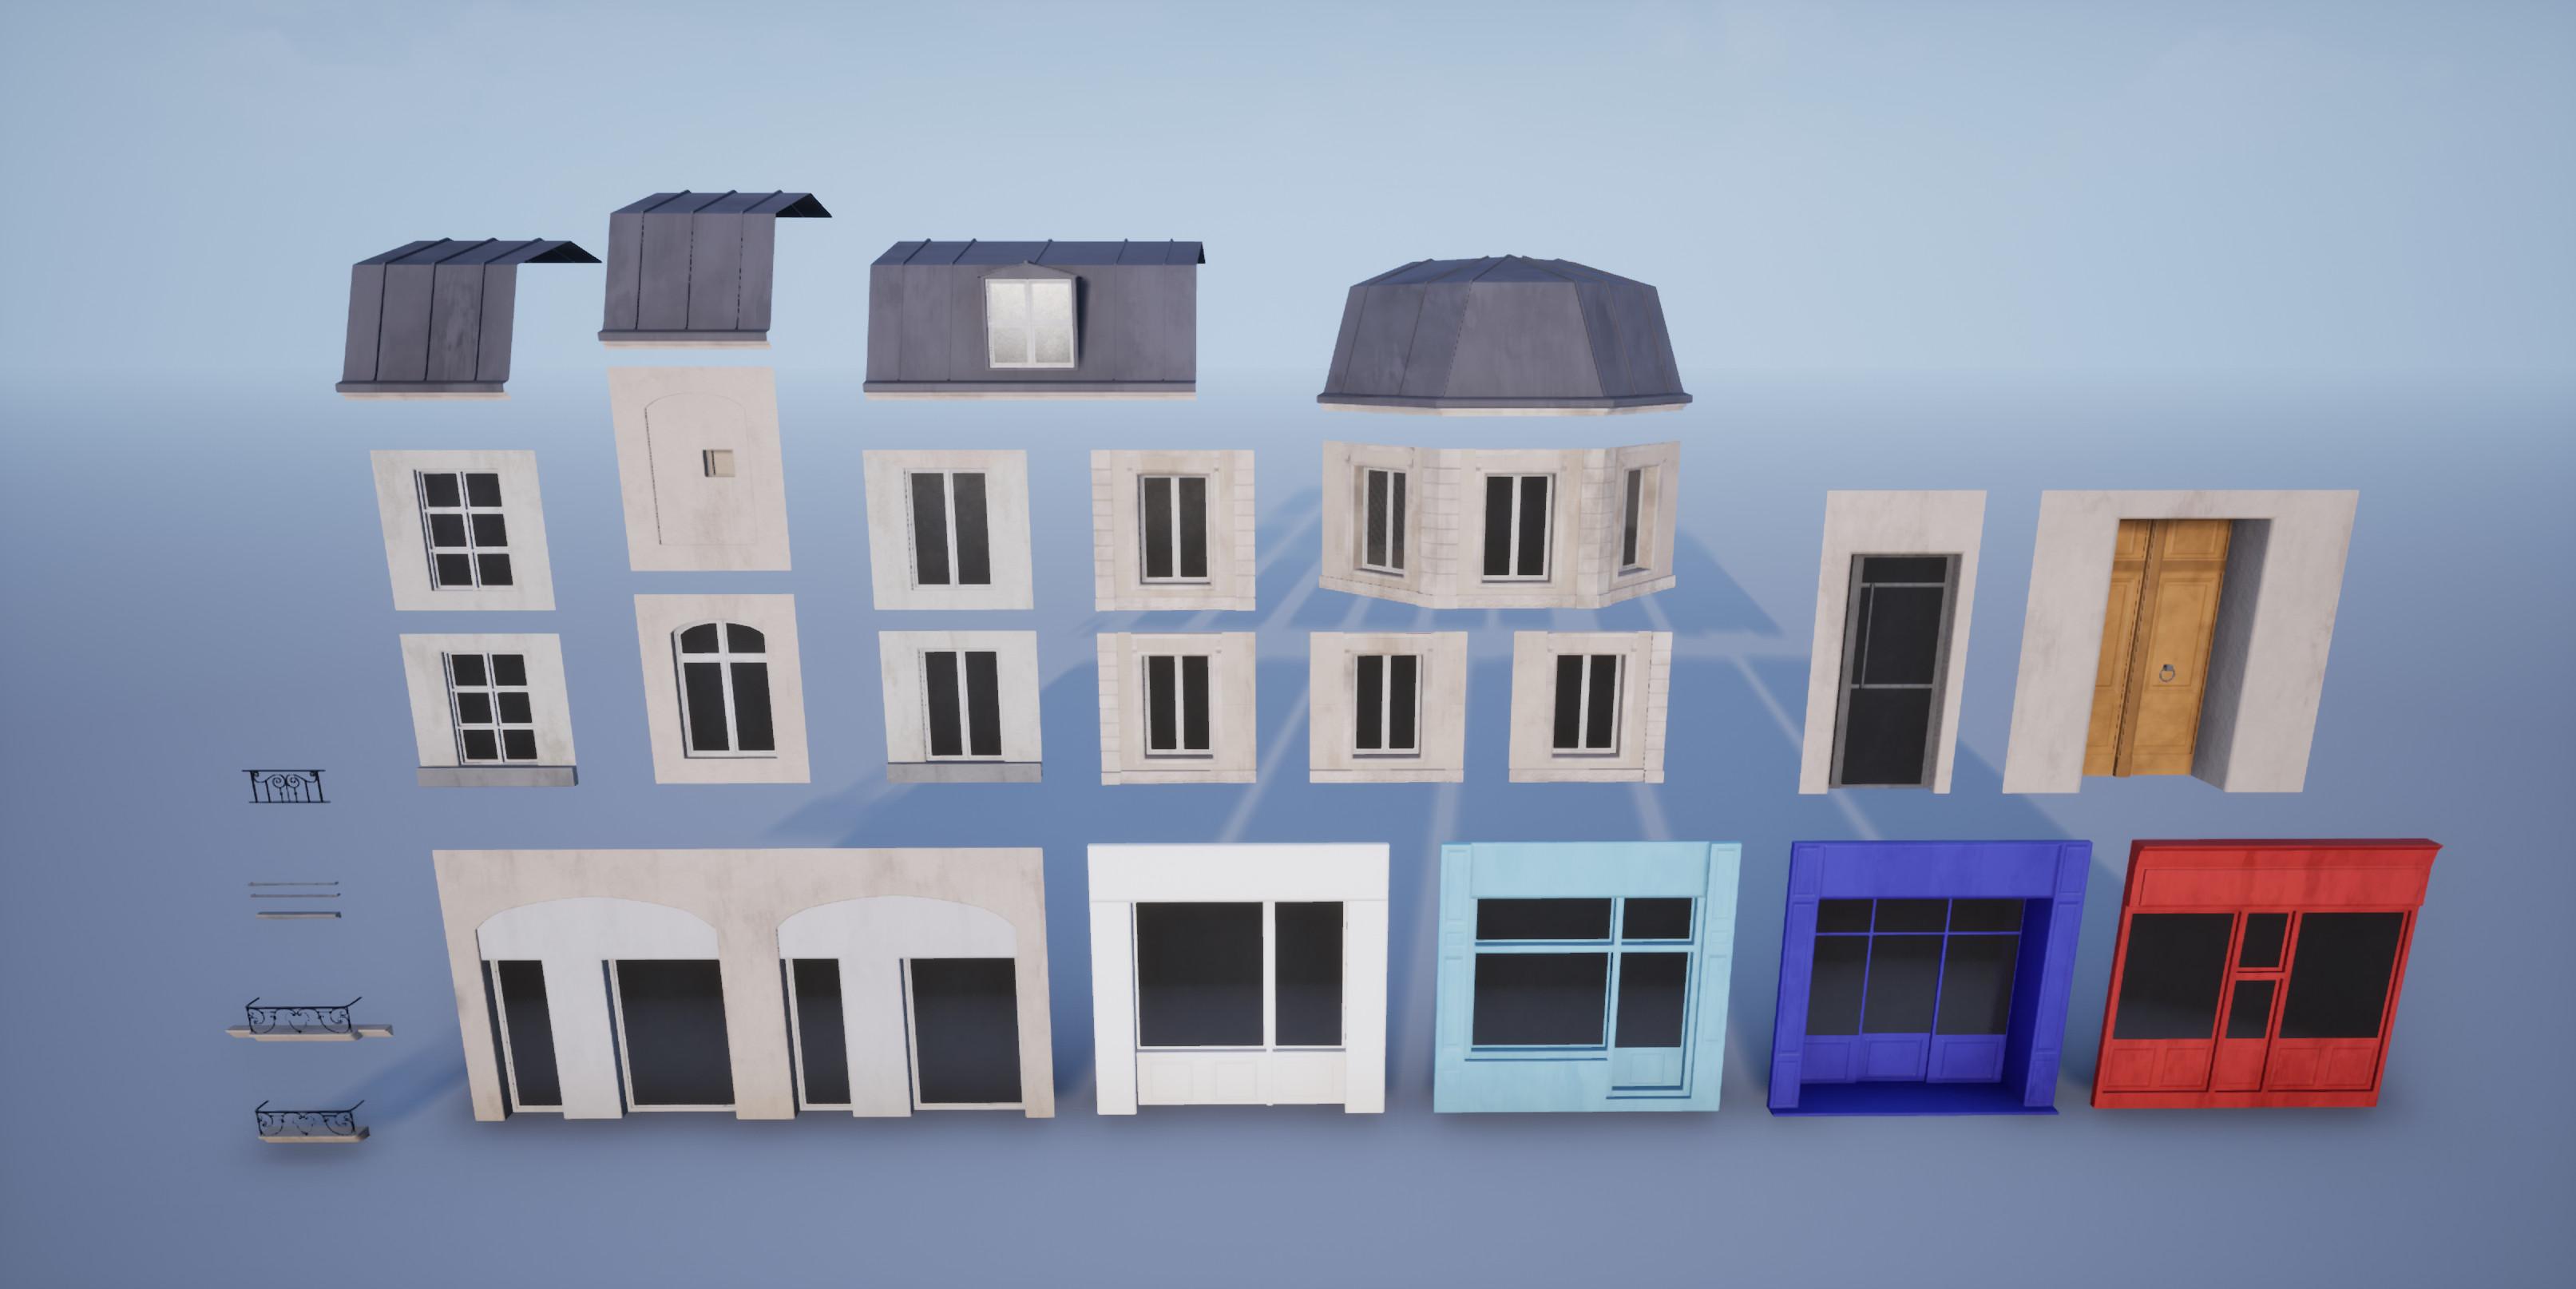 Modular building pieces